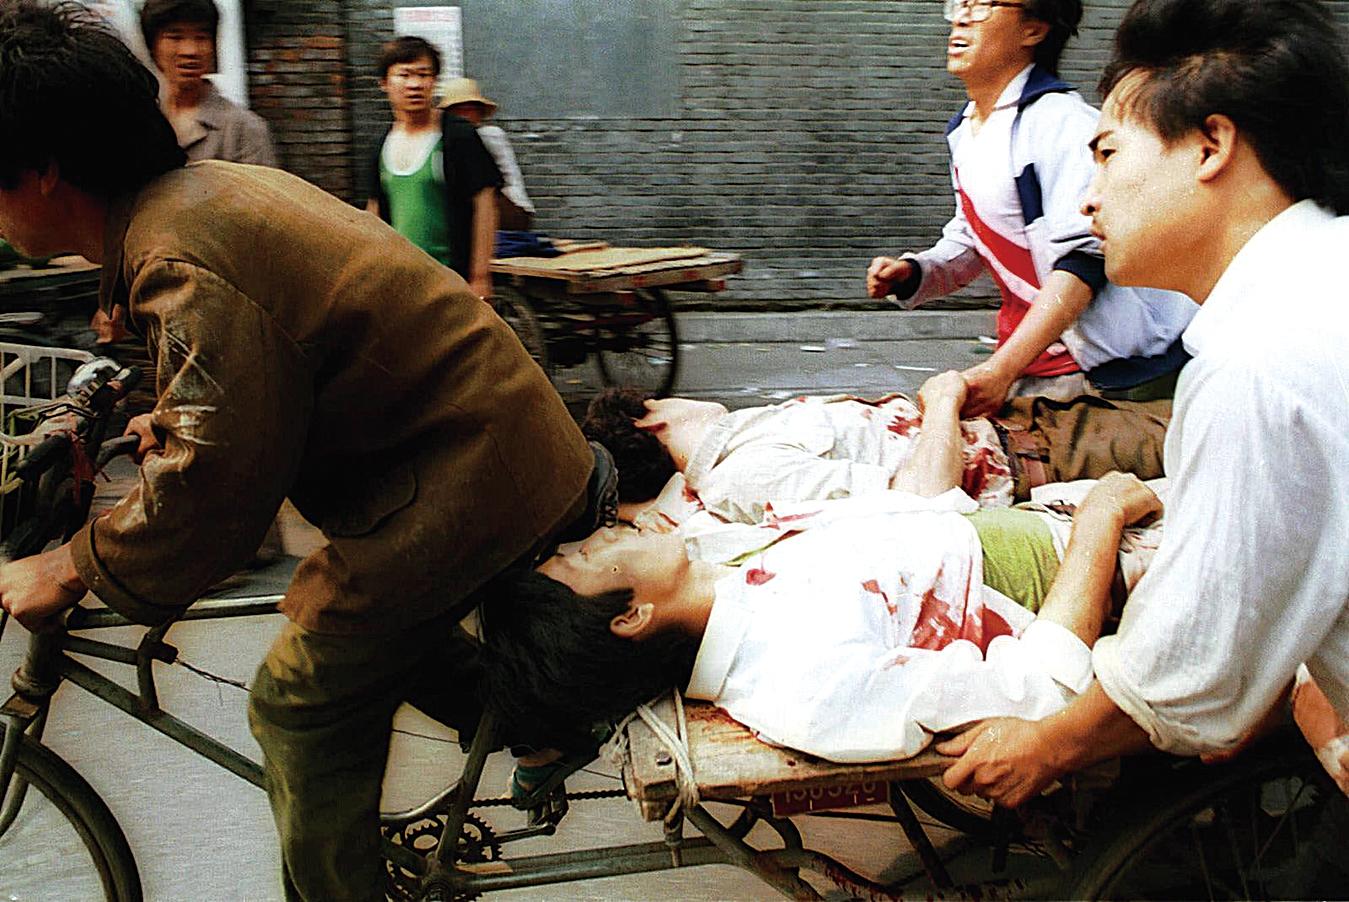 民眾救助六四遭槍擊學生。(網絡圖片)